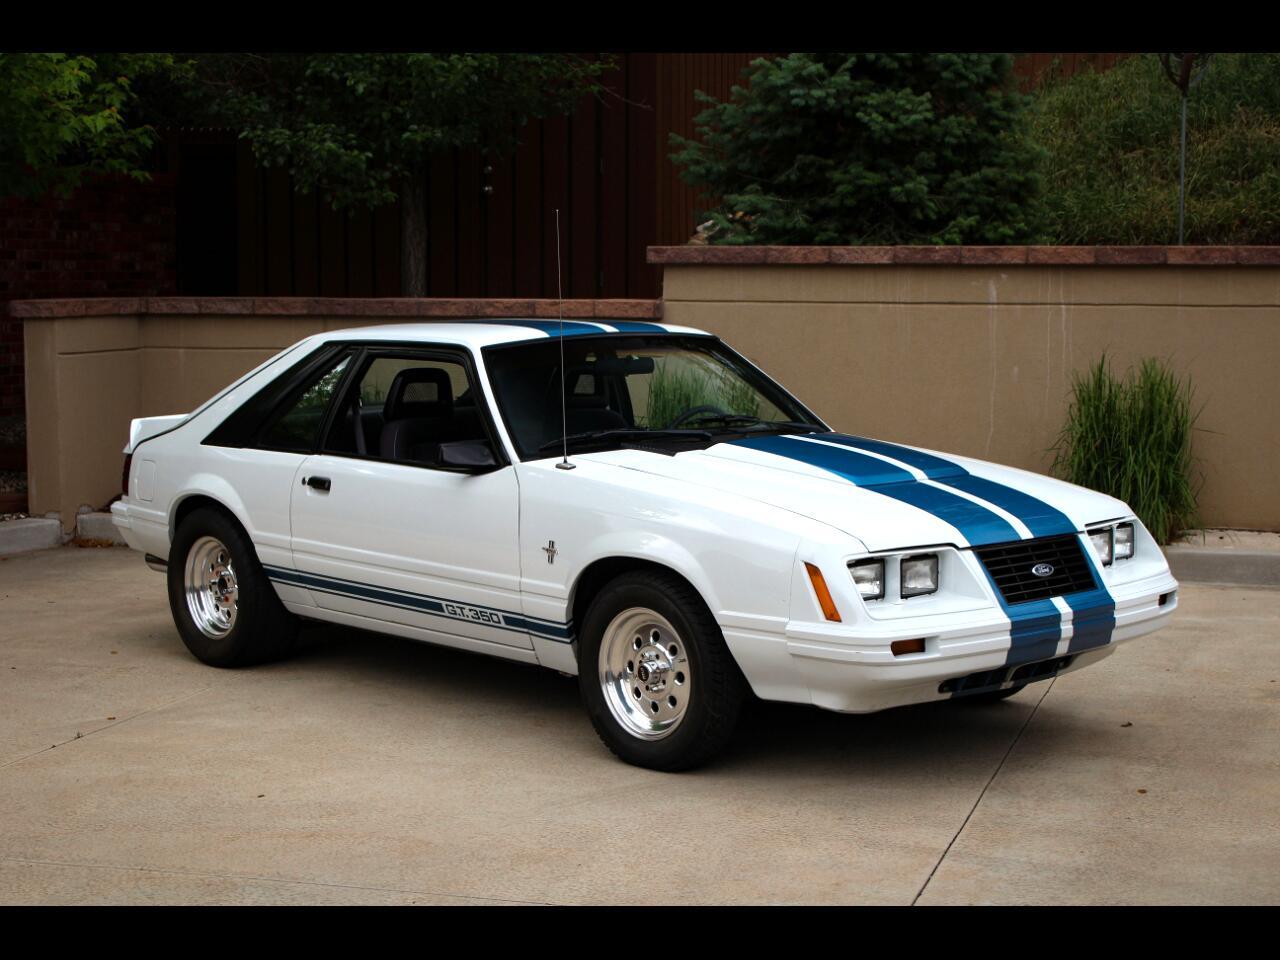 1983 Ford Mustang 2-Door Hatchback